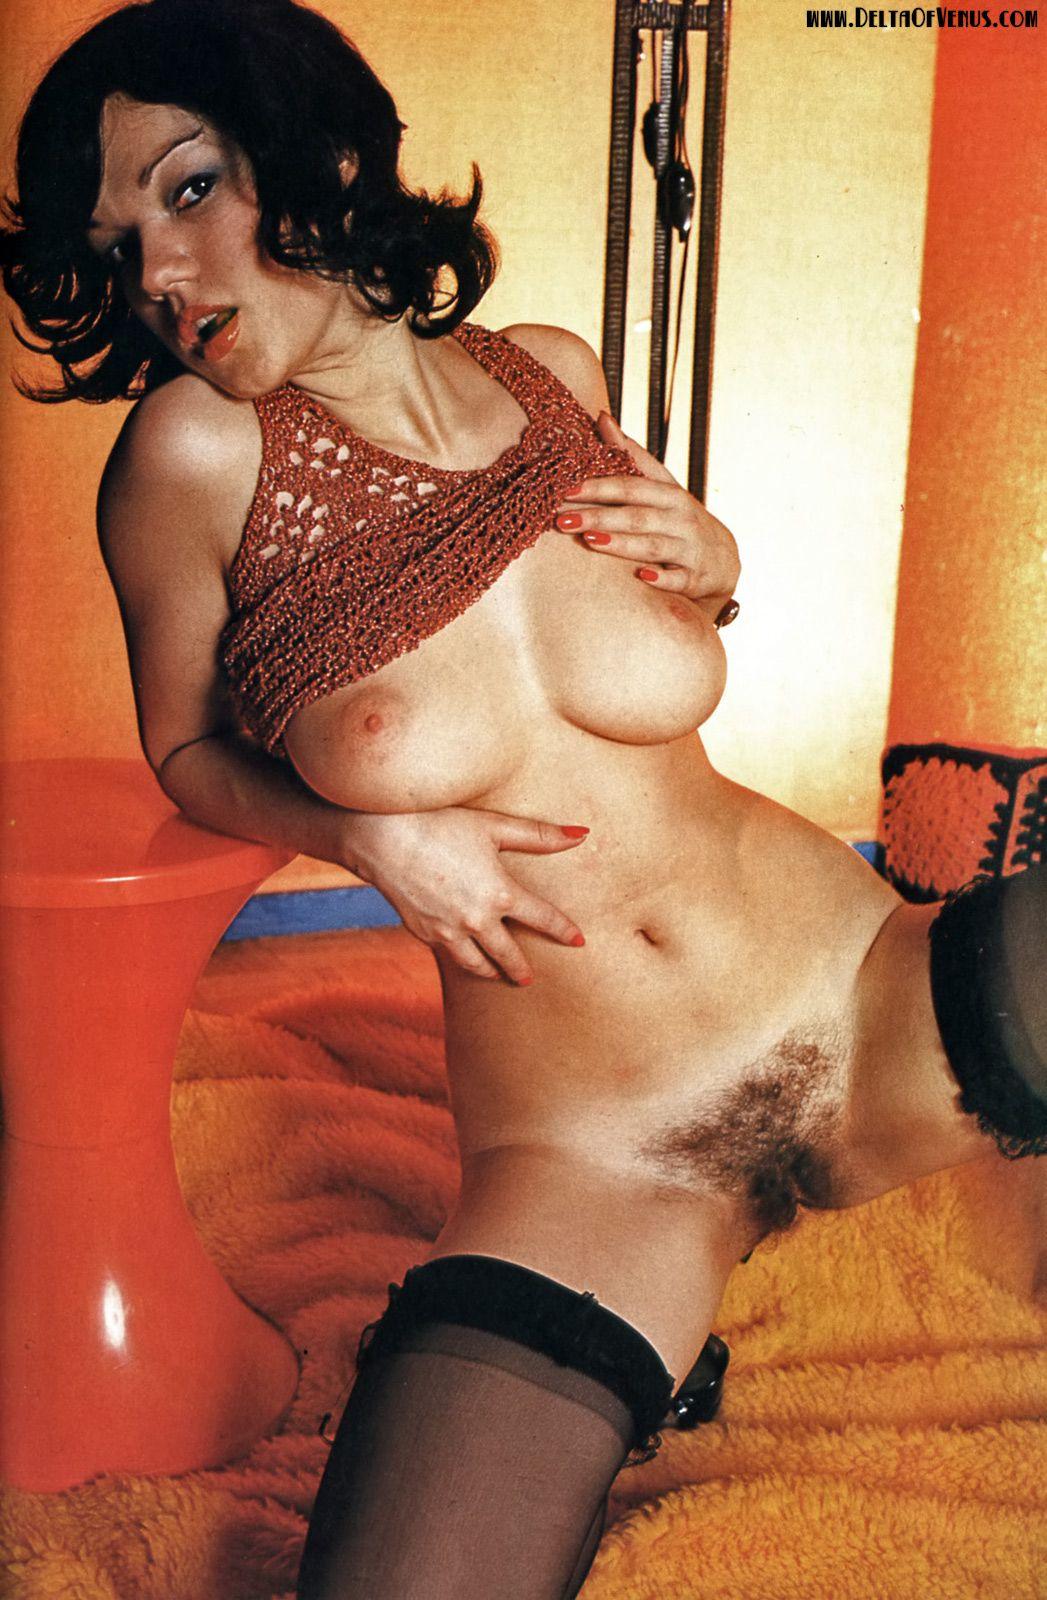 Classic porn photos can suck